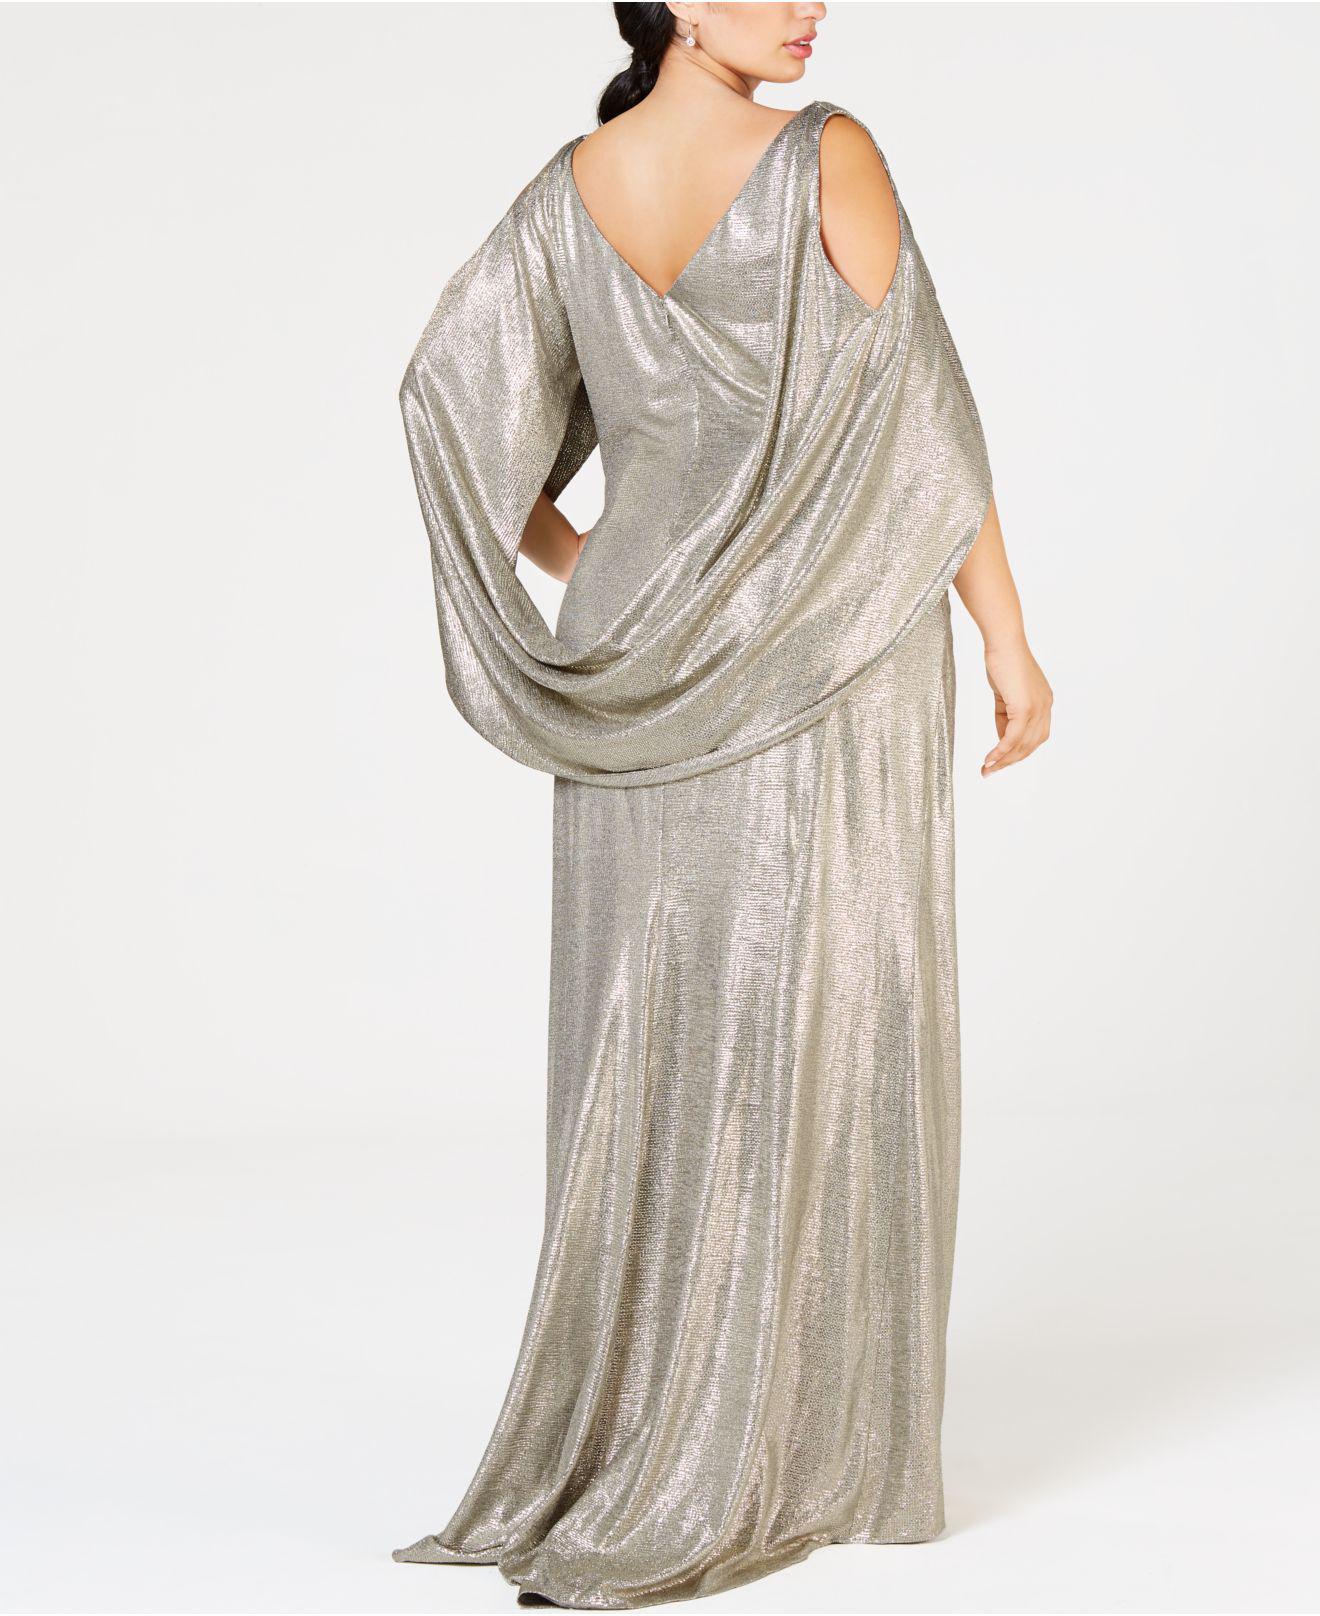 7fa0f811e06 Betsy   Adam Plus Size Metallic Cold-shoulder Cape Gown in Metallic ...